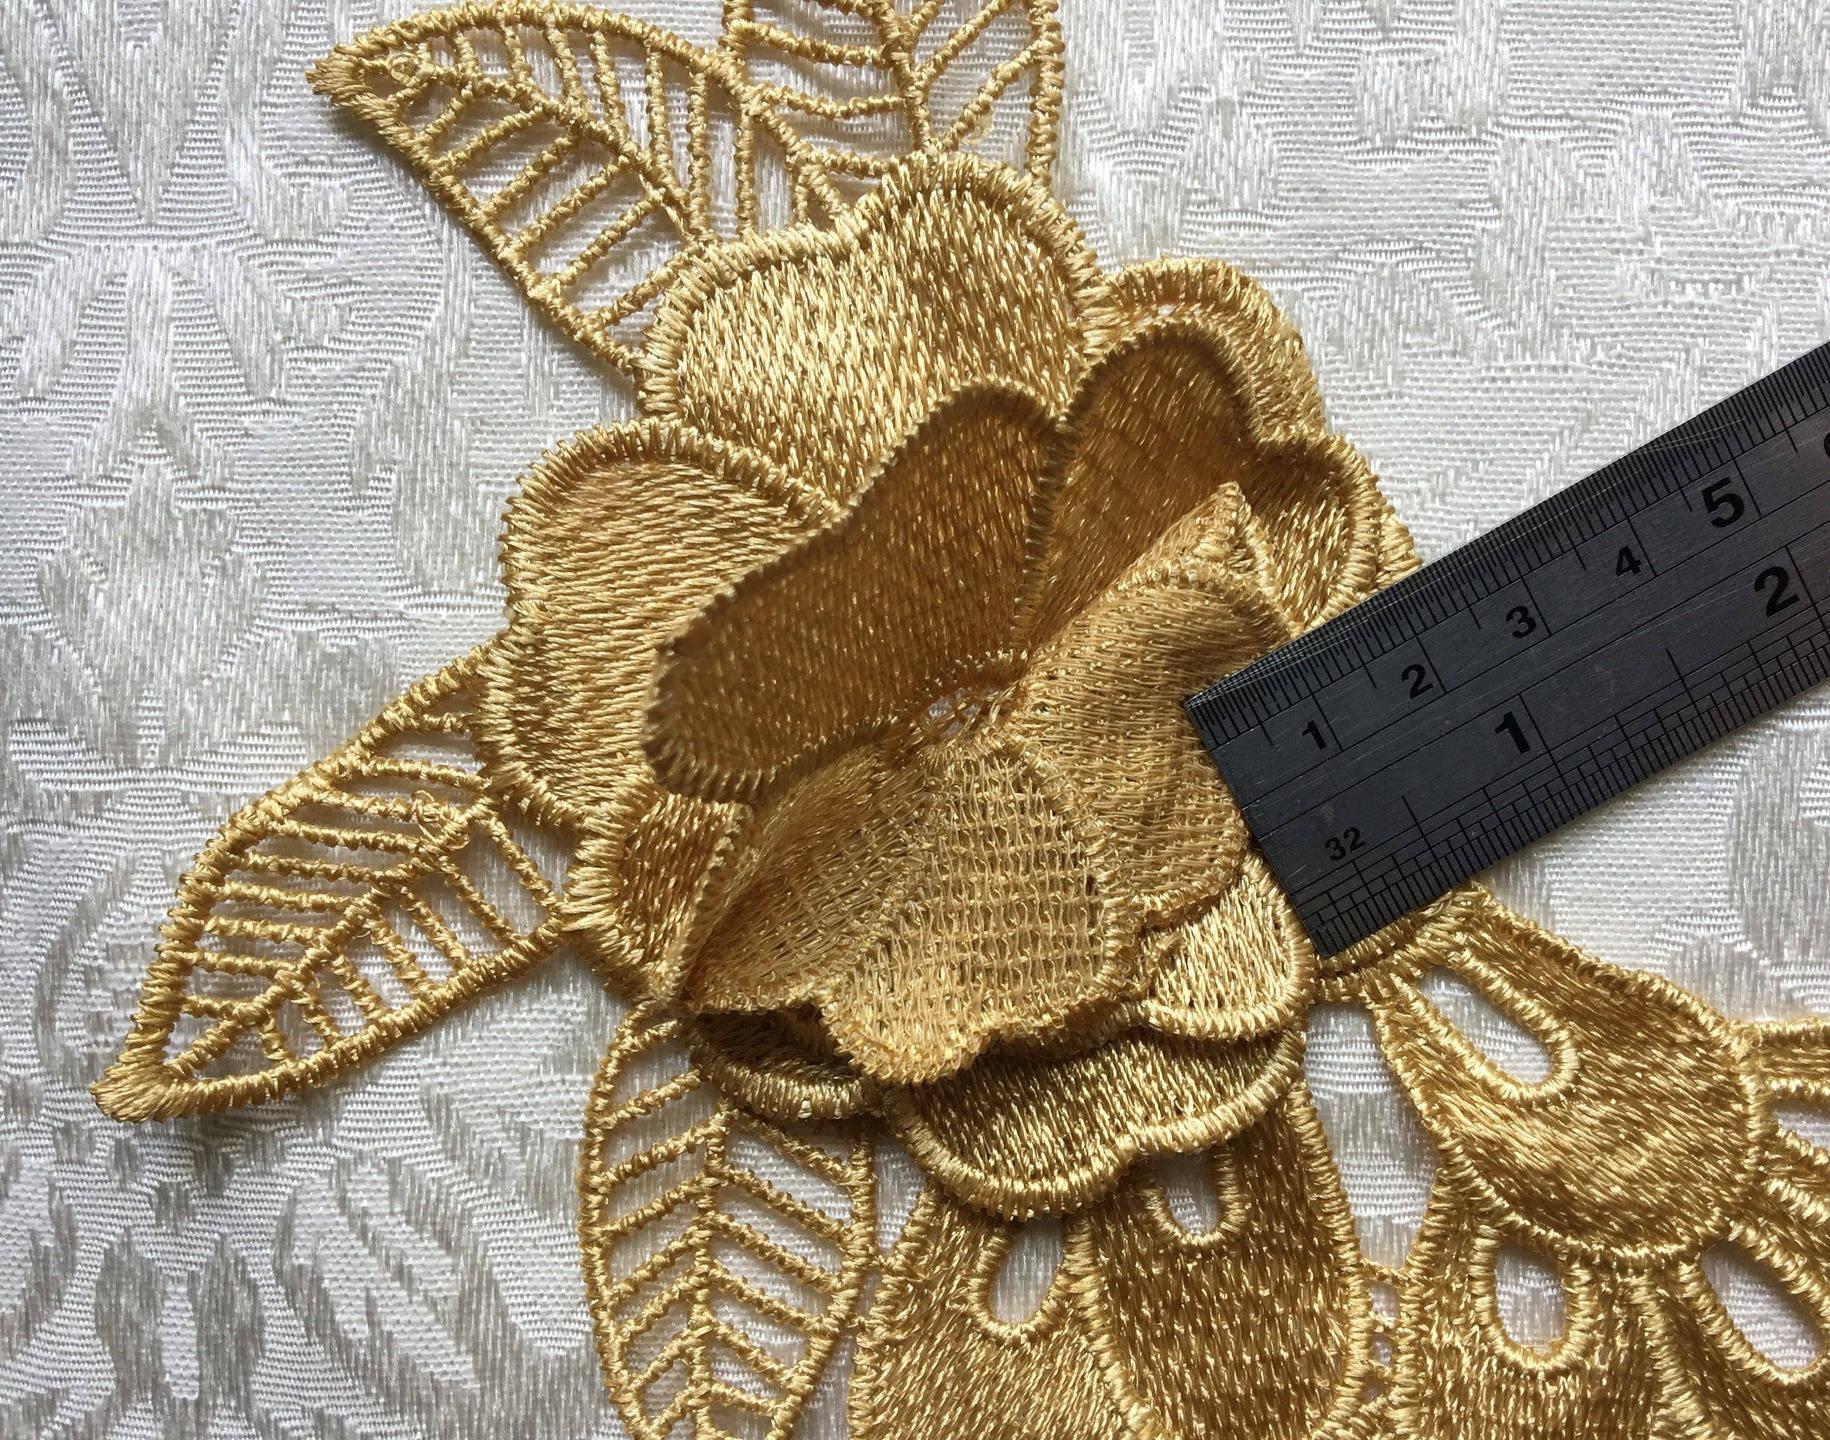 Appliqué, appliqué dentelle, lace applique, golden, Joce150652creaconcep, grand appliqué, appliqué brodé, appliqué fleurs, fil métal doré